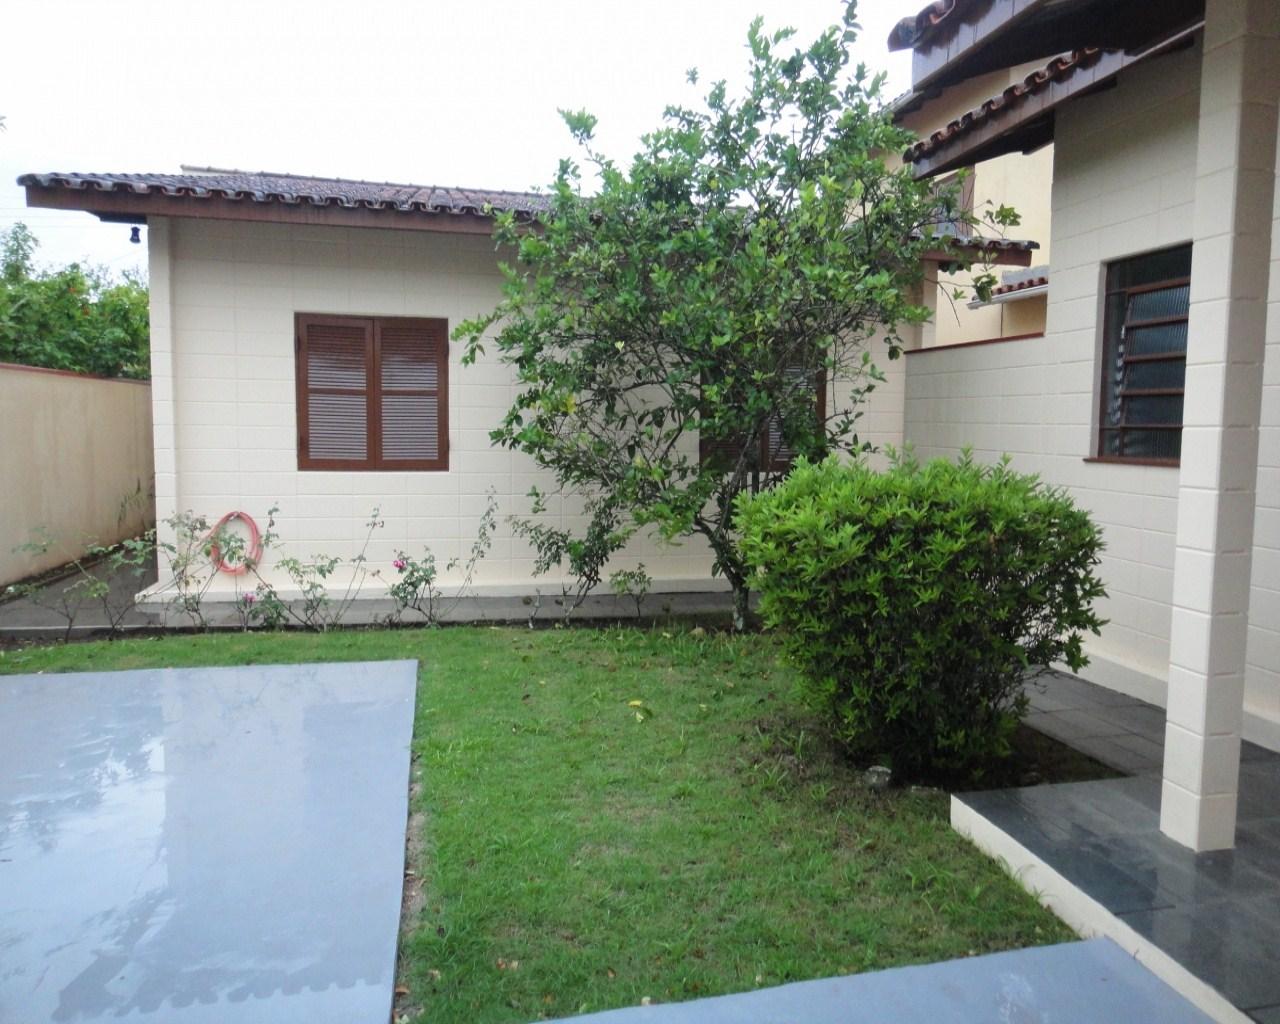 Casa térrea com 3 dormitórios em Caraguatatuba